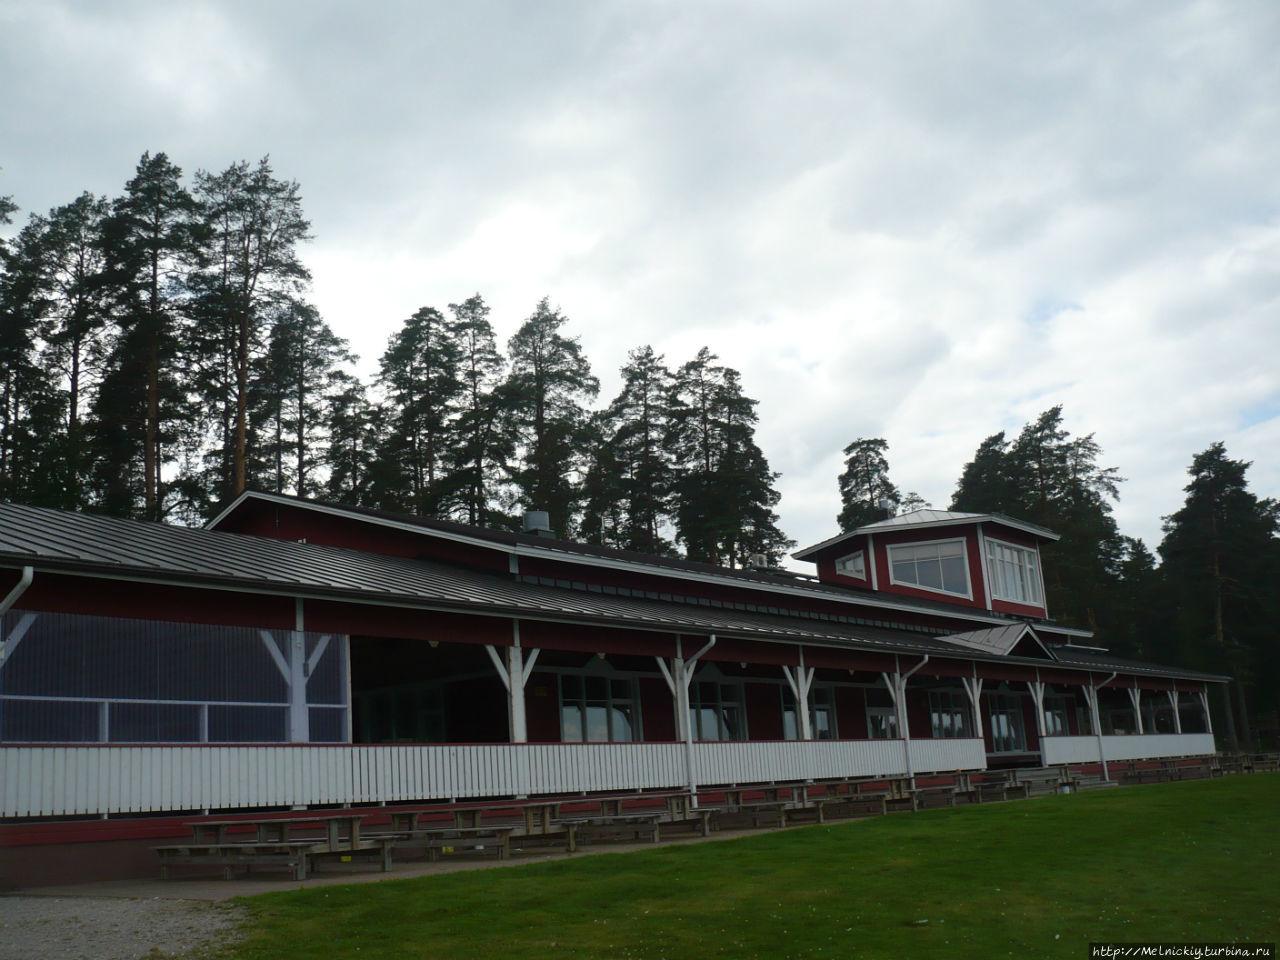 Небольшая прогулка по поселку гребцов Сулкава, Финляндия